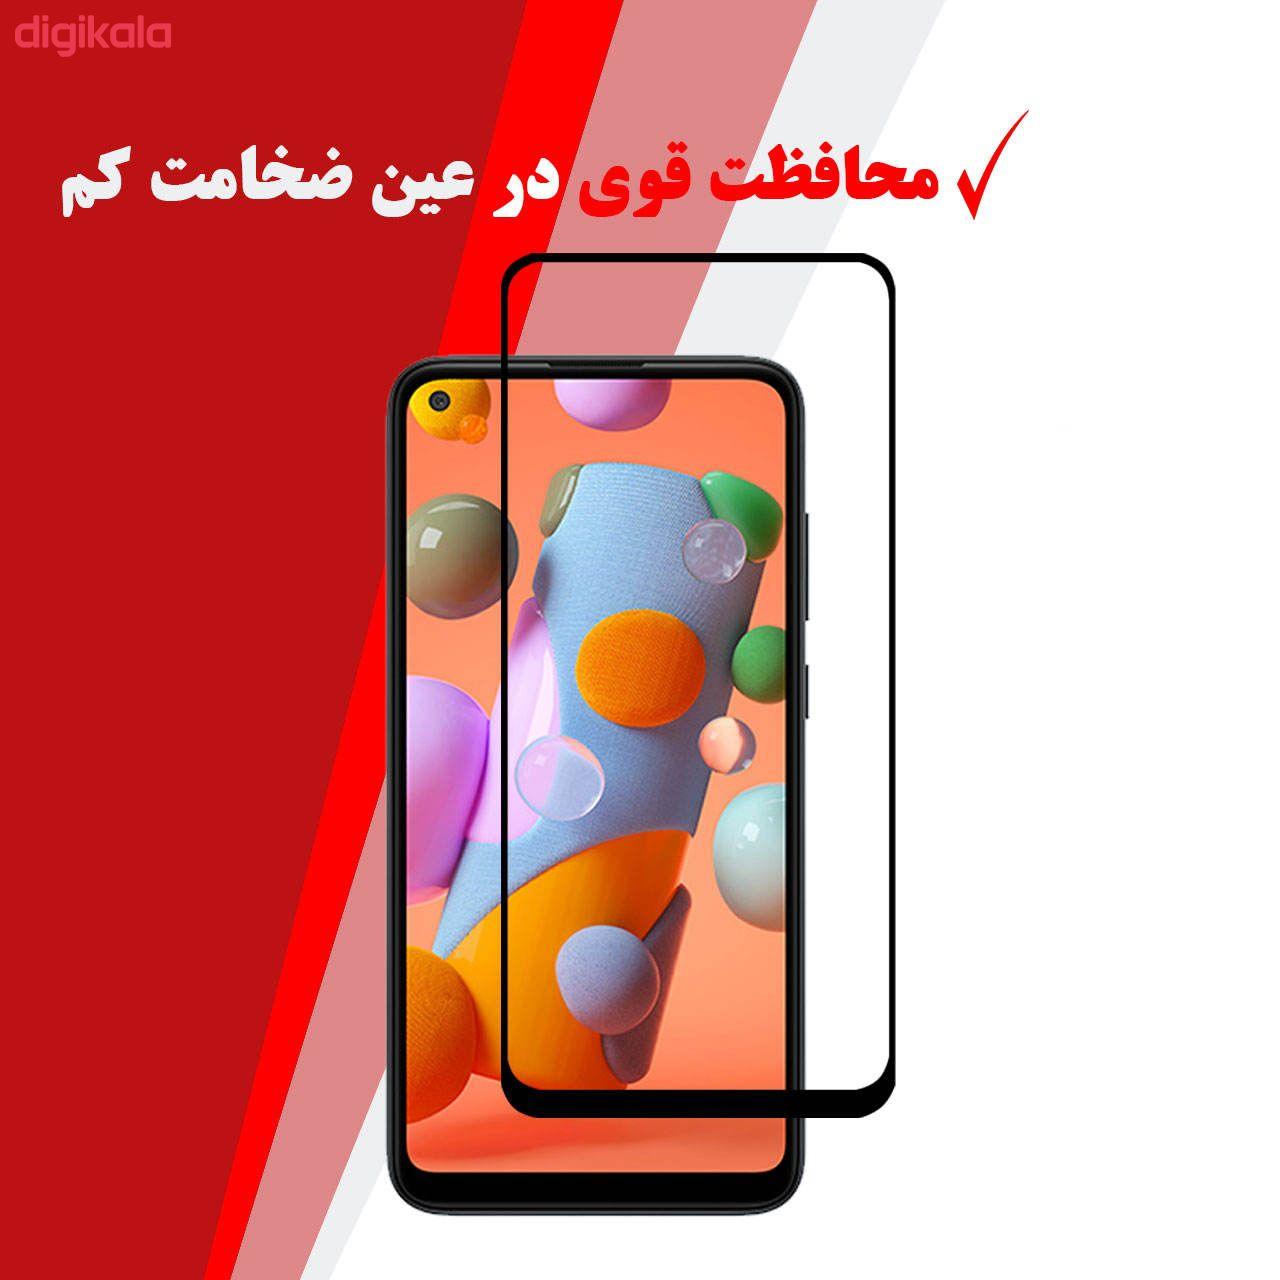 محافظ صفحه نمایش فوکس مدل PT001 مناسب برای گوشی موبایل سامسونگ Galaxy A11 main 1 6